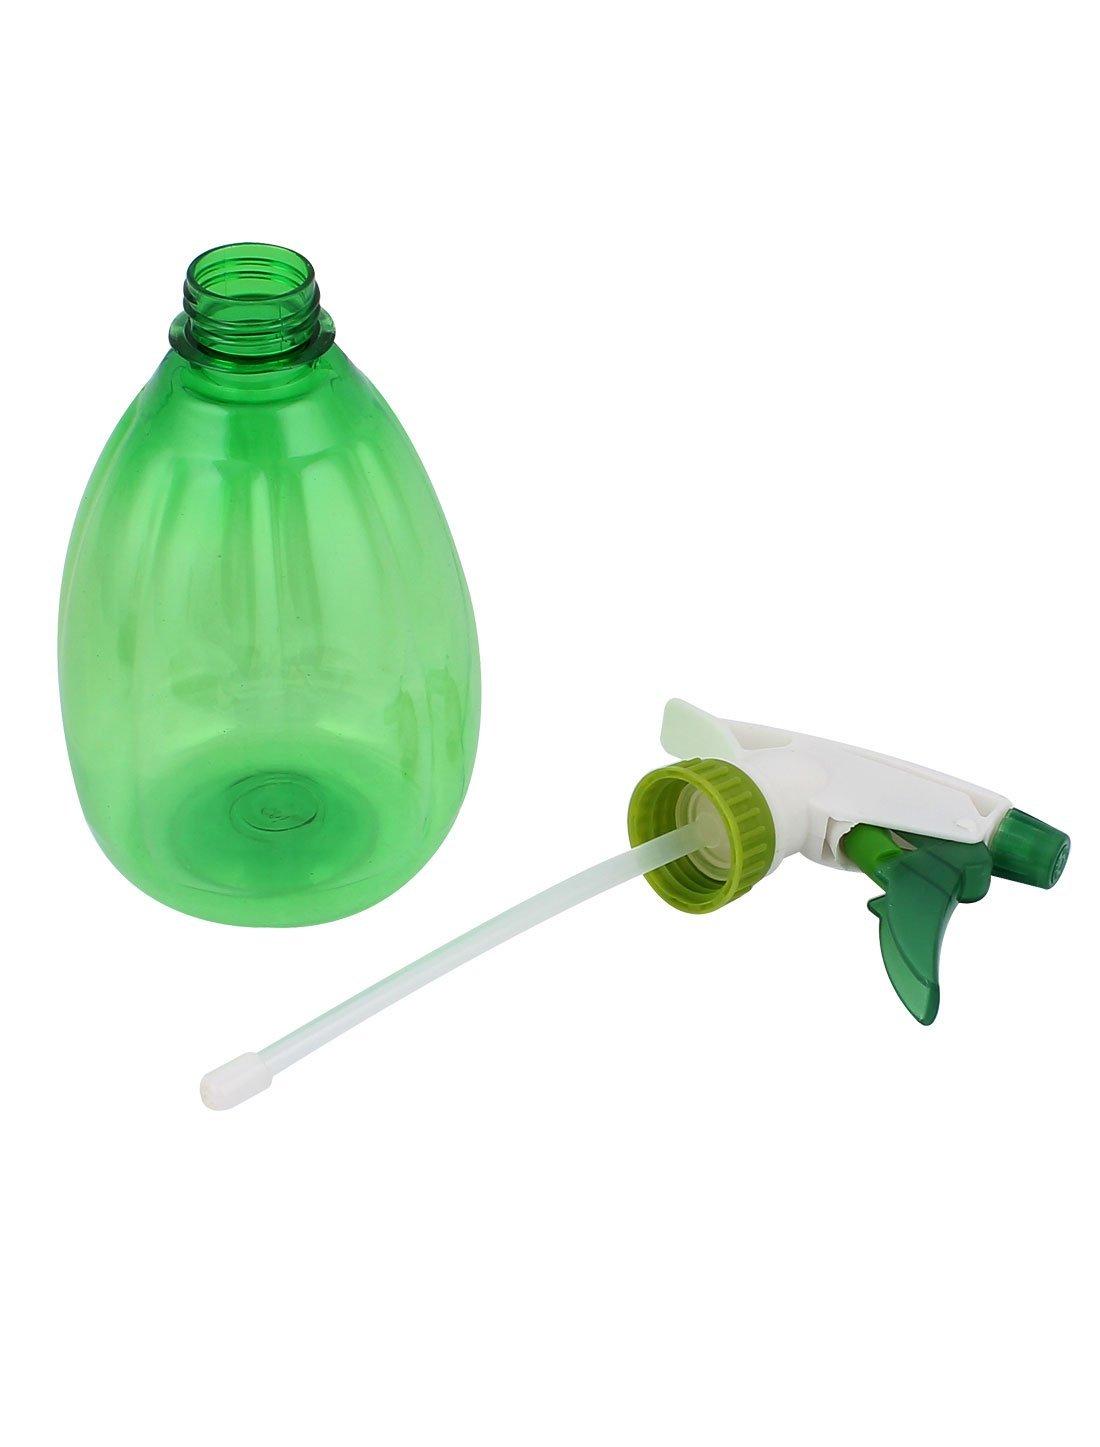 Amazon.com: Limpieza jardín Mano de activación del rociador de agua 500ml Botella del aerosol: Health & Personal Care